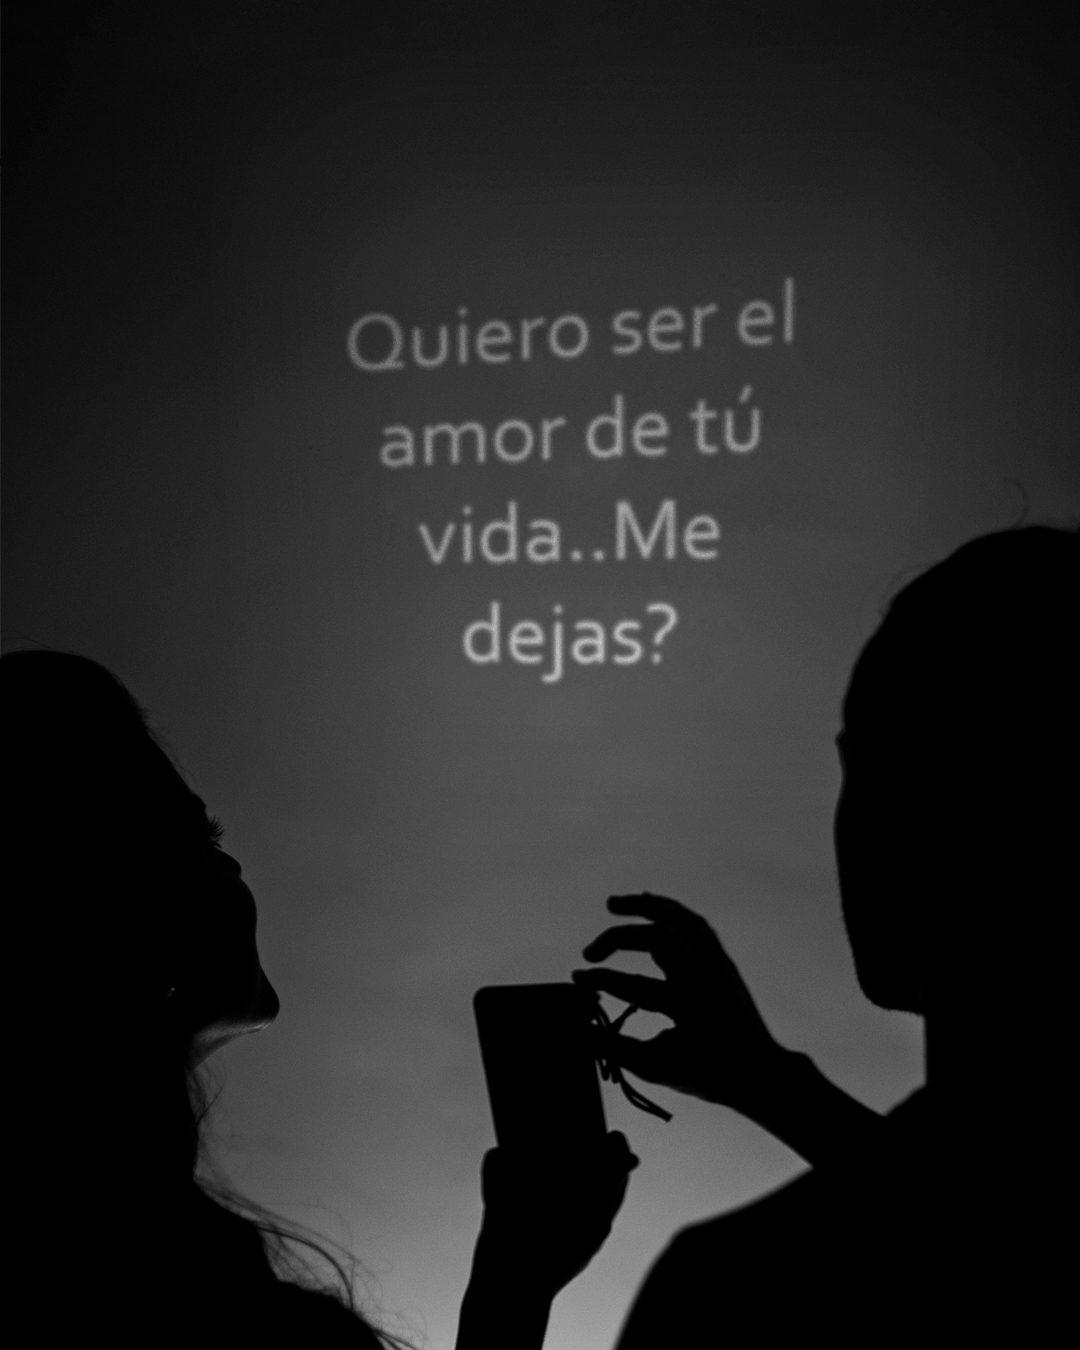 Quiero ser el amor de tú vida1